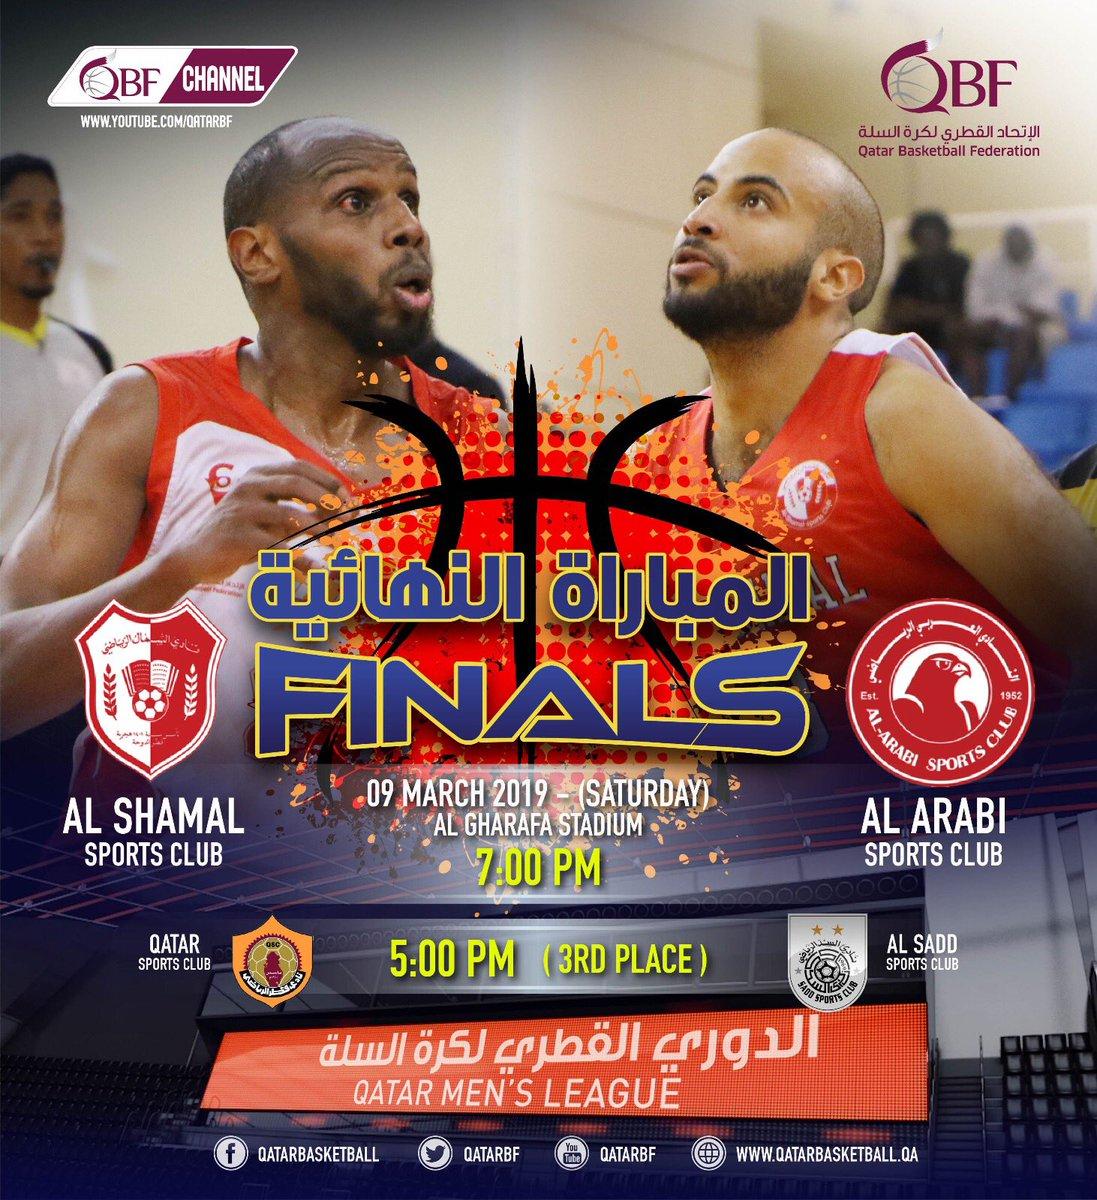 دوري السلة بين العربي والشمال - اليوم في نهائي الدوري القطري لكرة السلة